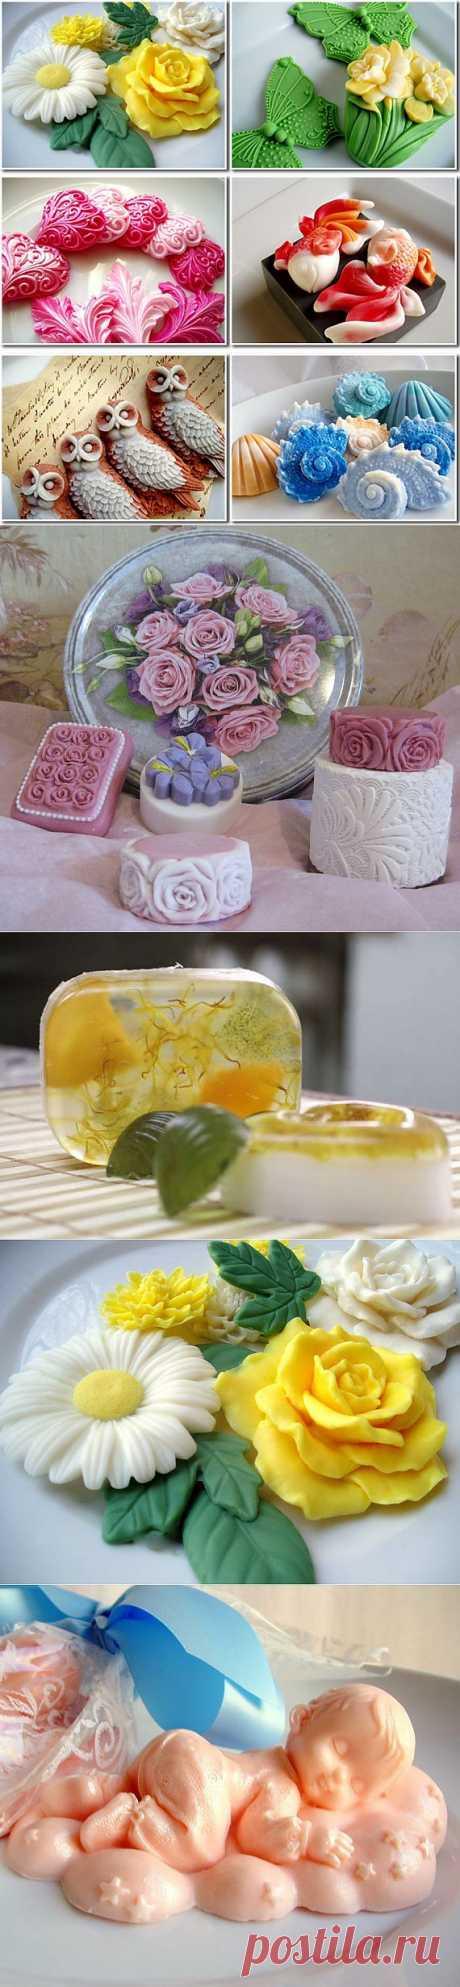 Рецепты домашнего мыла и немного идей для вдохновения.